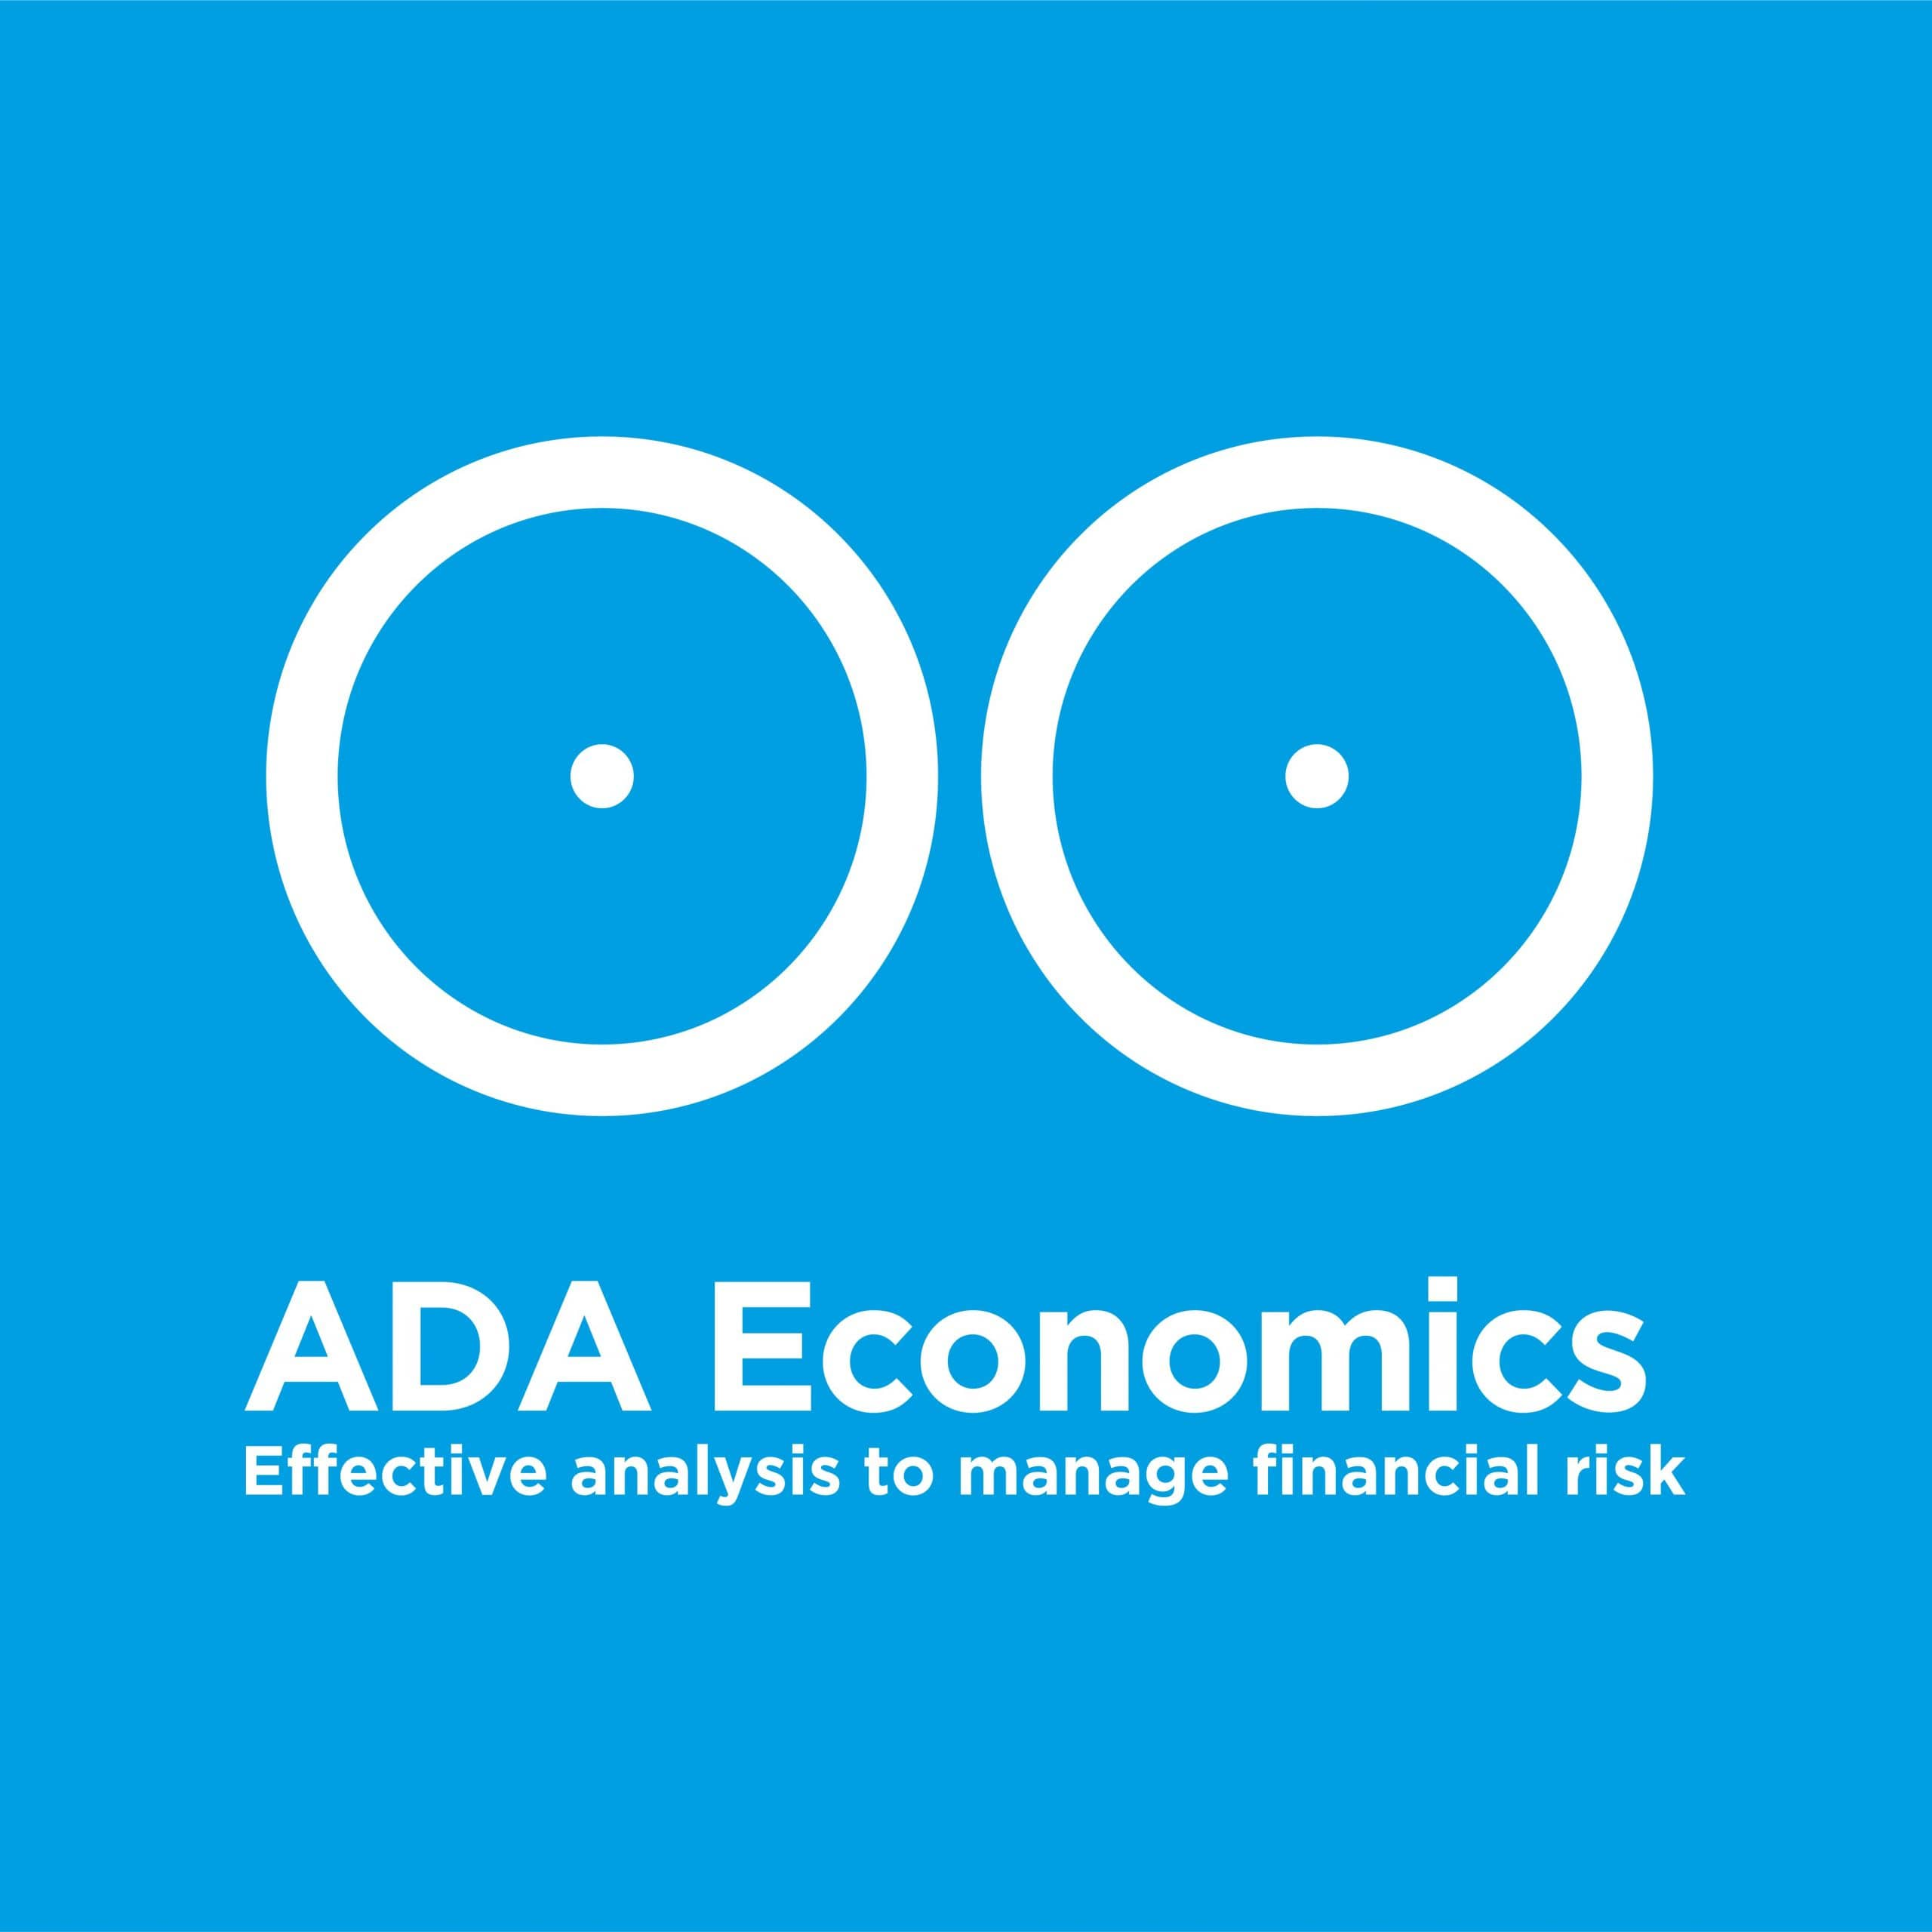 ada_economics